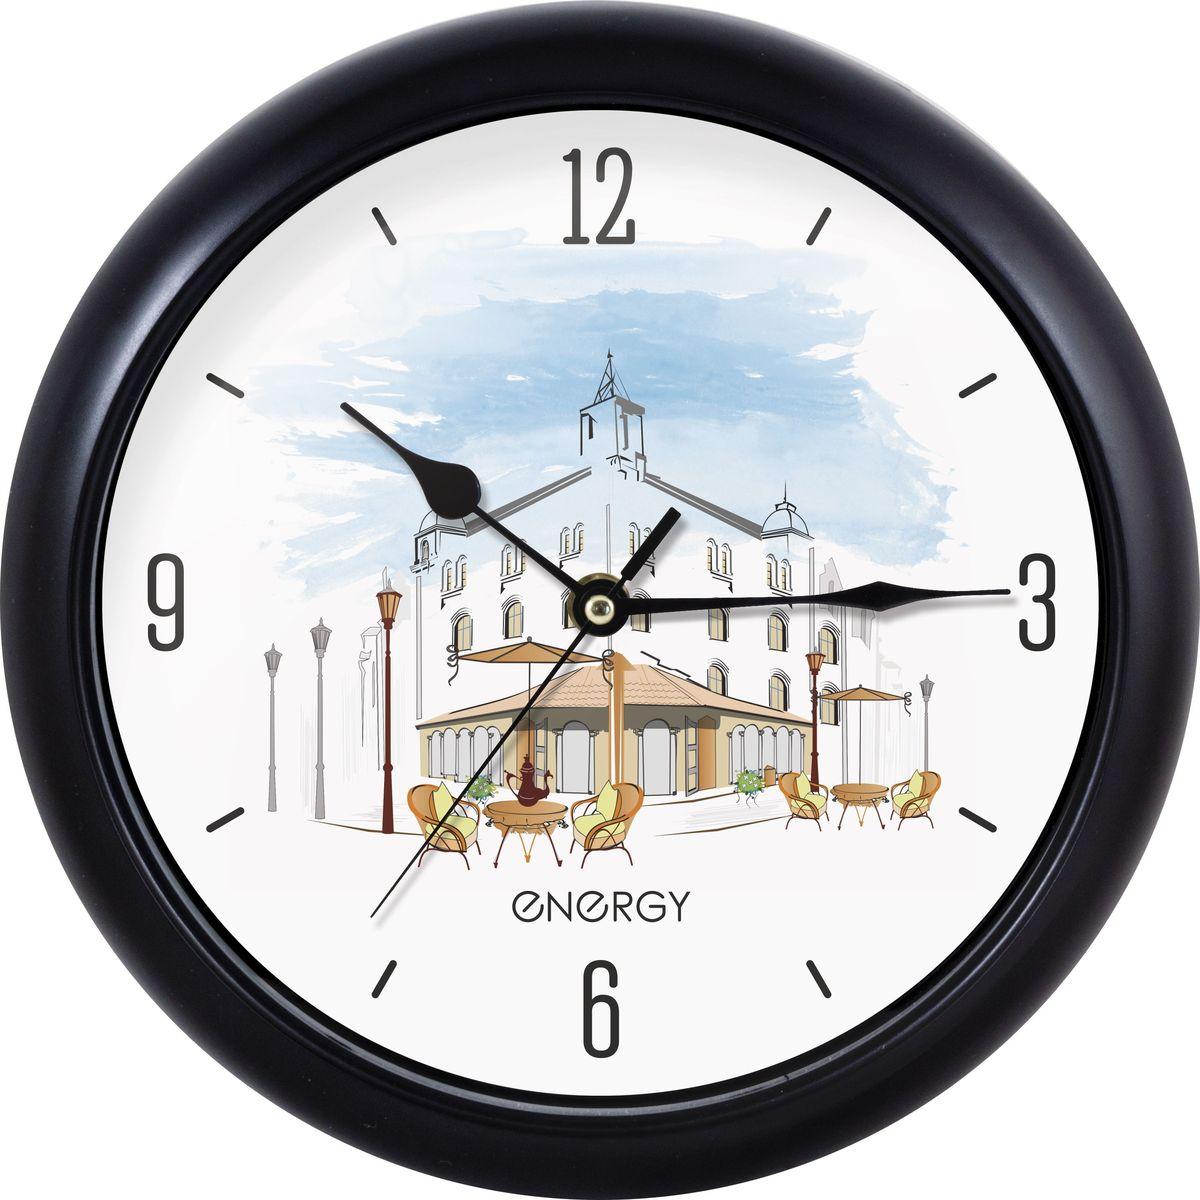 Настенные кварцевые часы с плавным ходом Energy ЕС-105 имеют оригинальный яркий дизайн и поэтому подойдут для вашего дома или офиса, декорированного в подобном стиле. Крупные цифры отлично различимы даже в условиях плохого освещения. Питание осуществляется от 1 батарейки типа АА (в комплект не  входит).